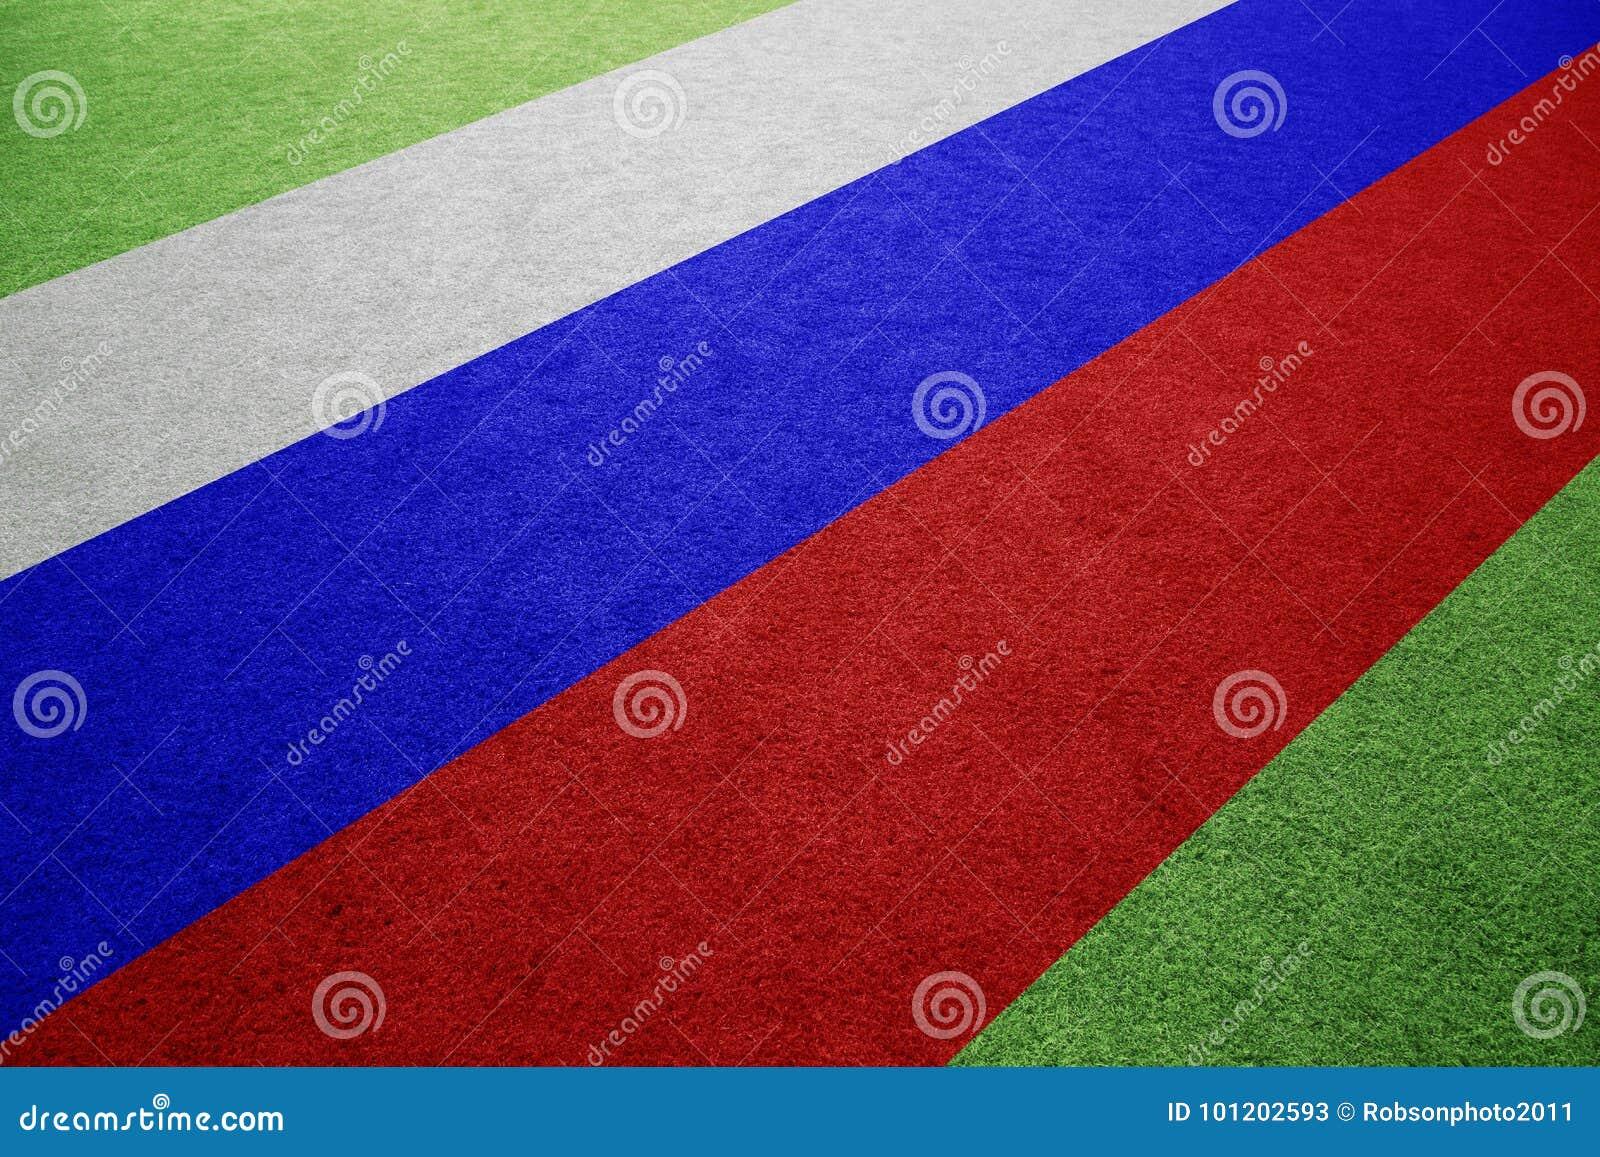 Флаг России на предпосылке футбольного поля